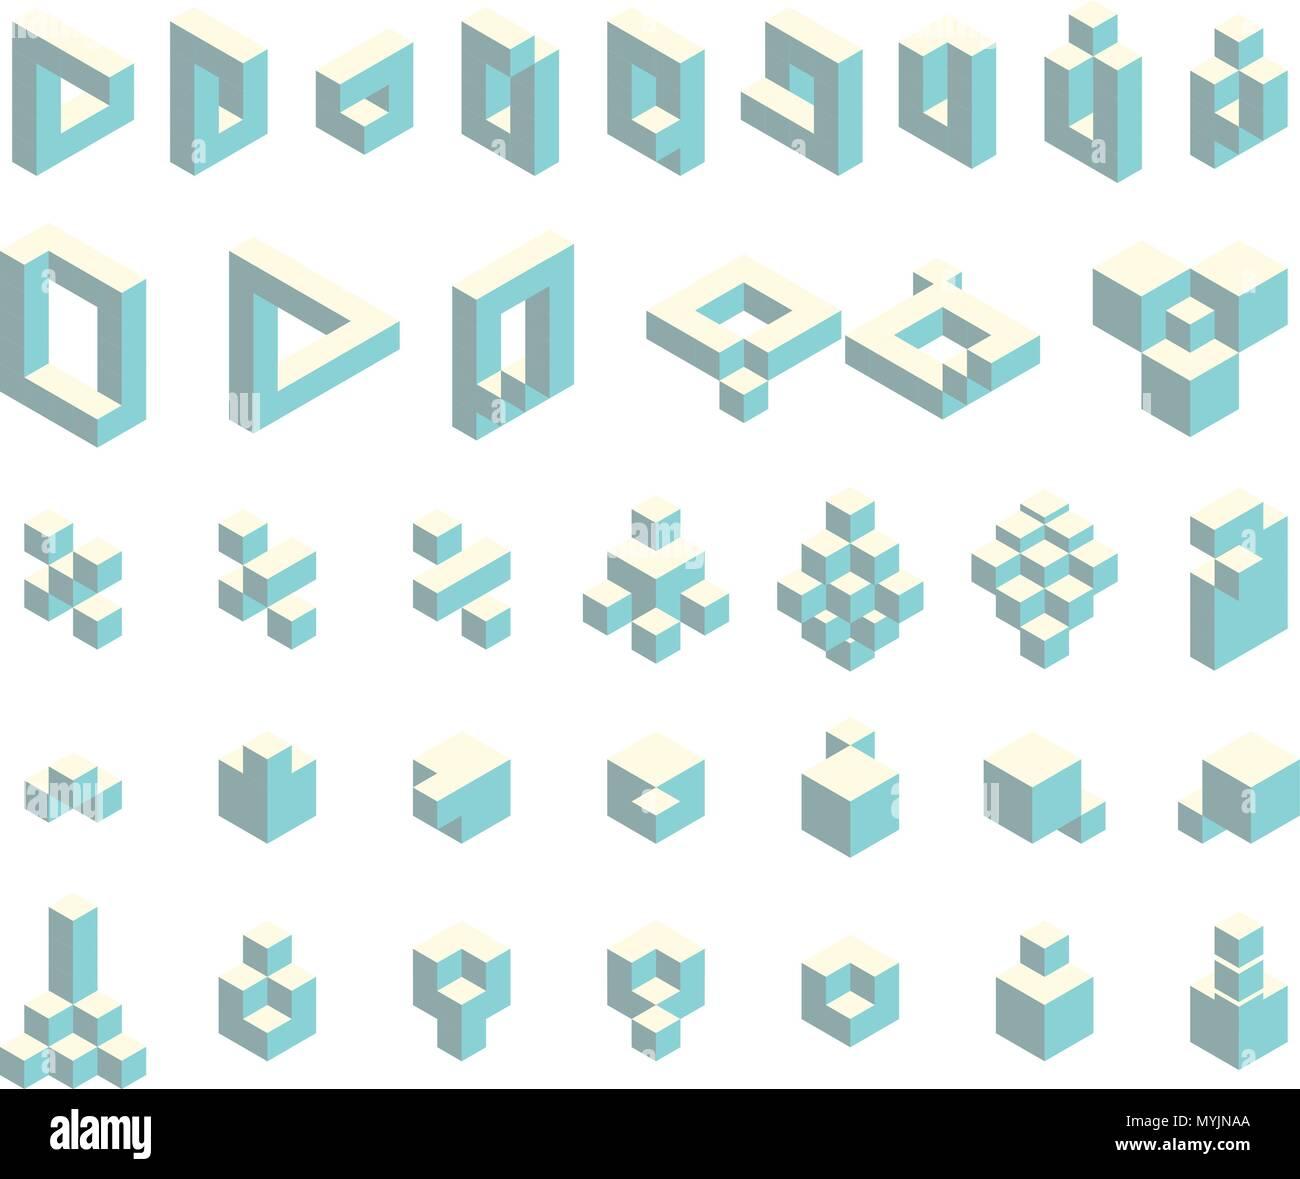 Isometric cubes set - Stock Image